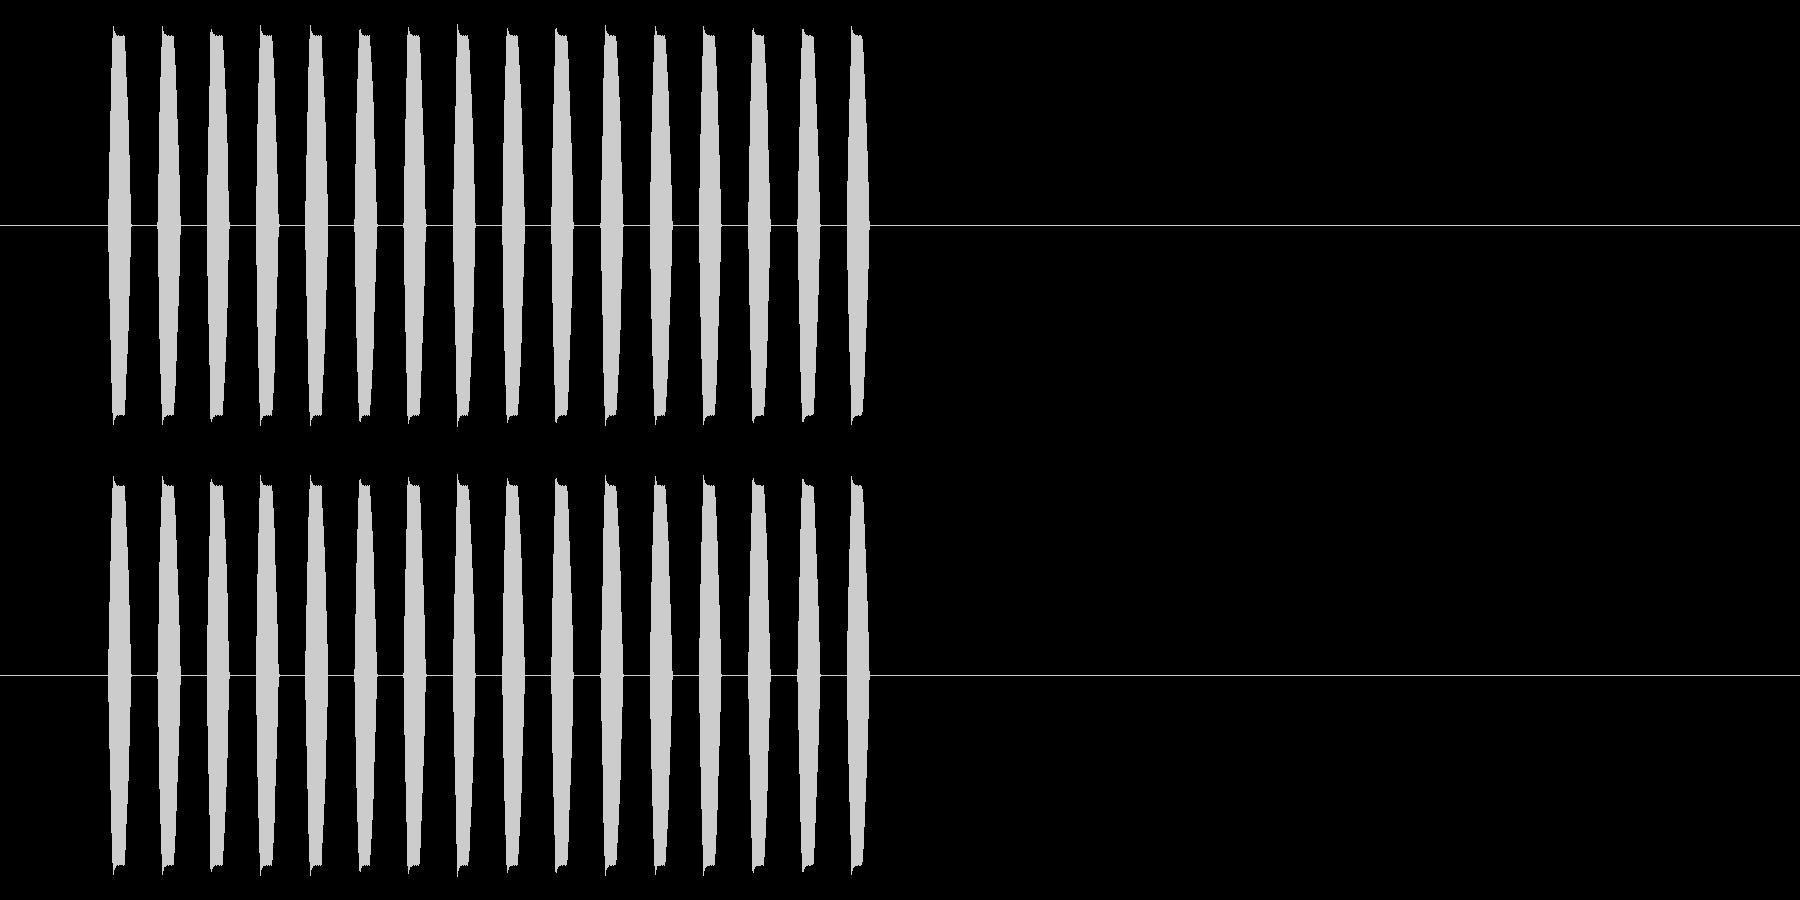 SNES-RPG01-08(メッセージ)の未再生の波形